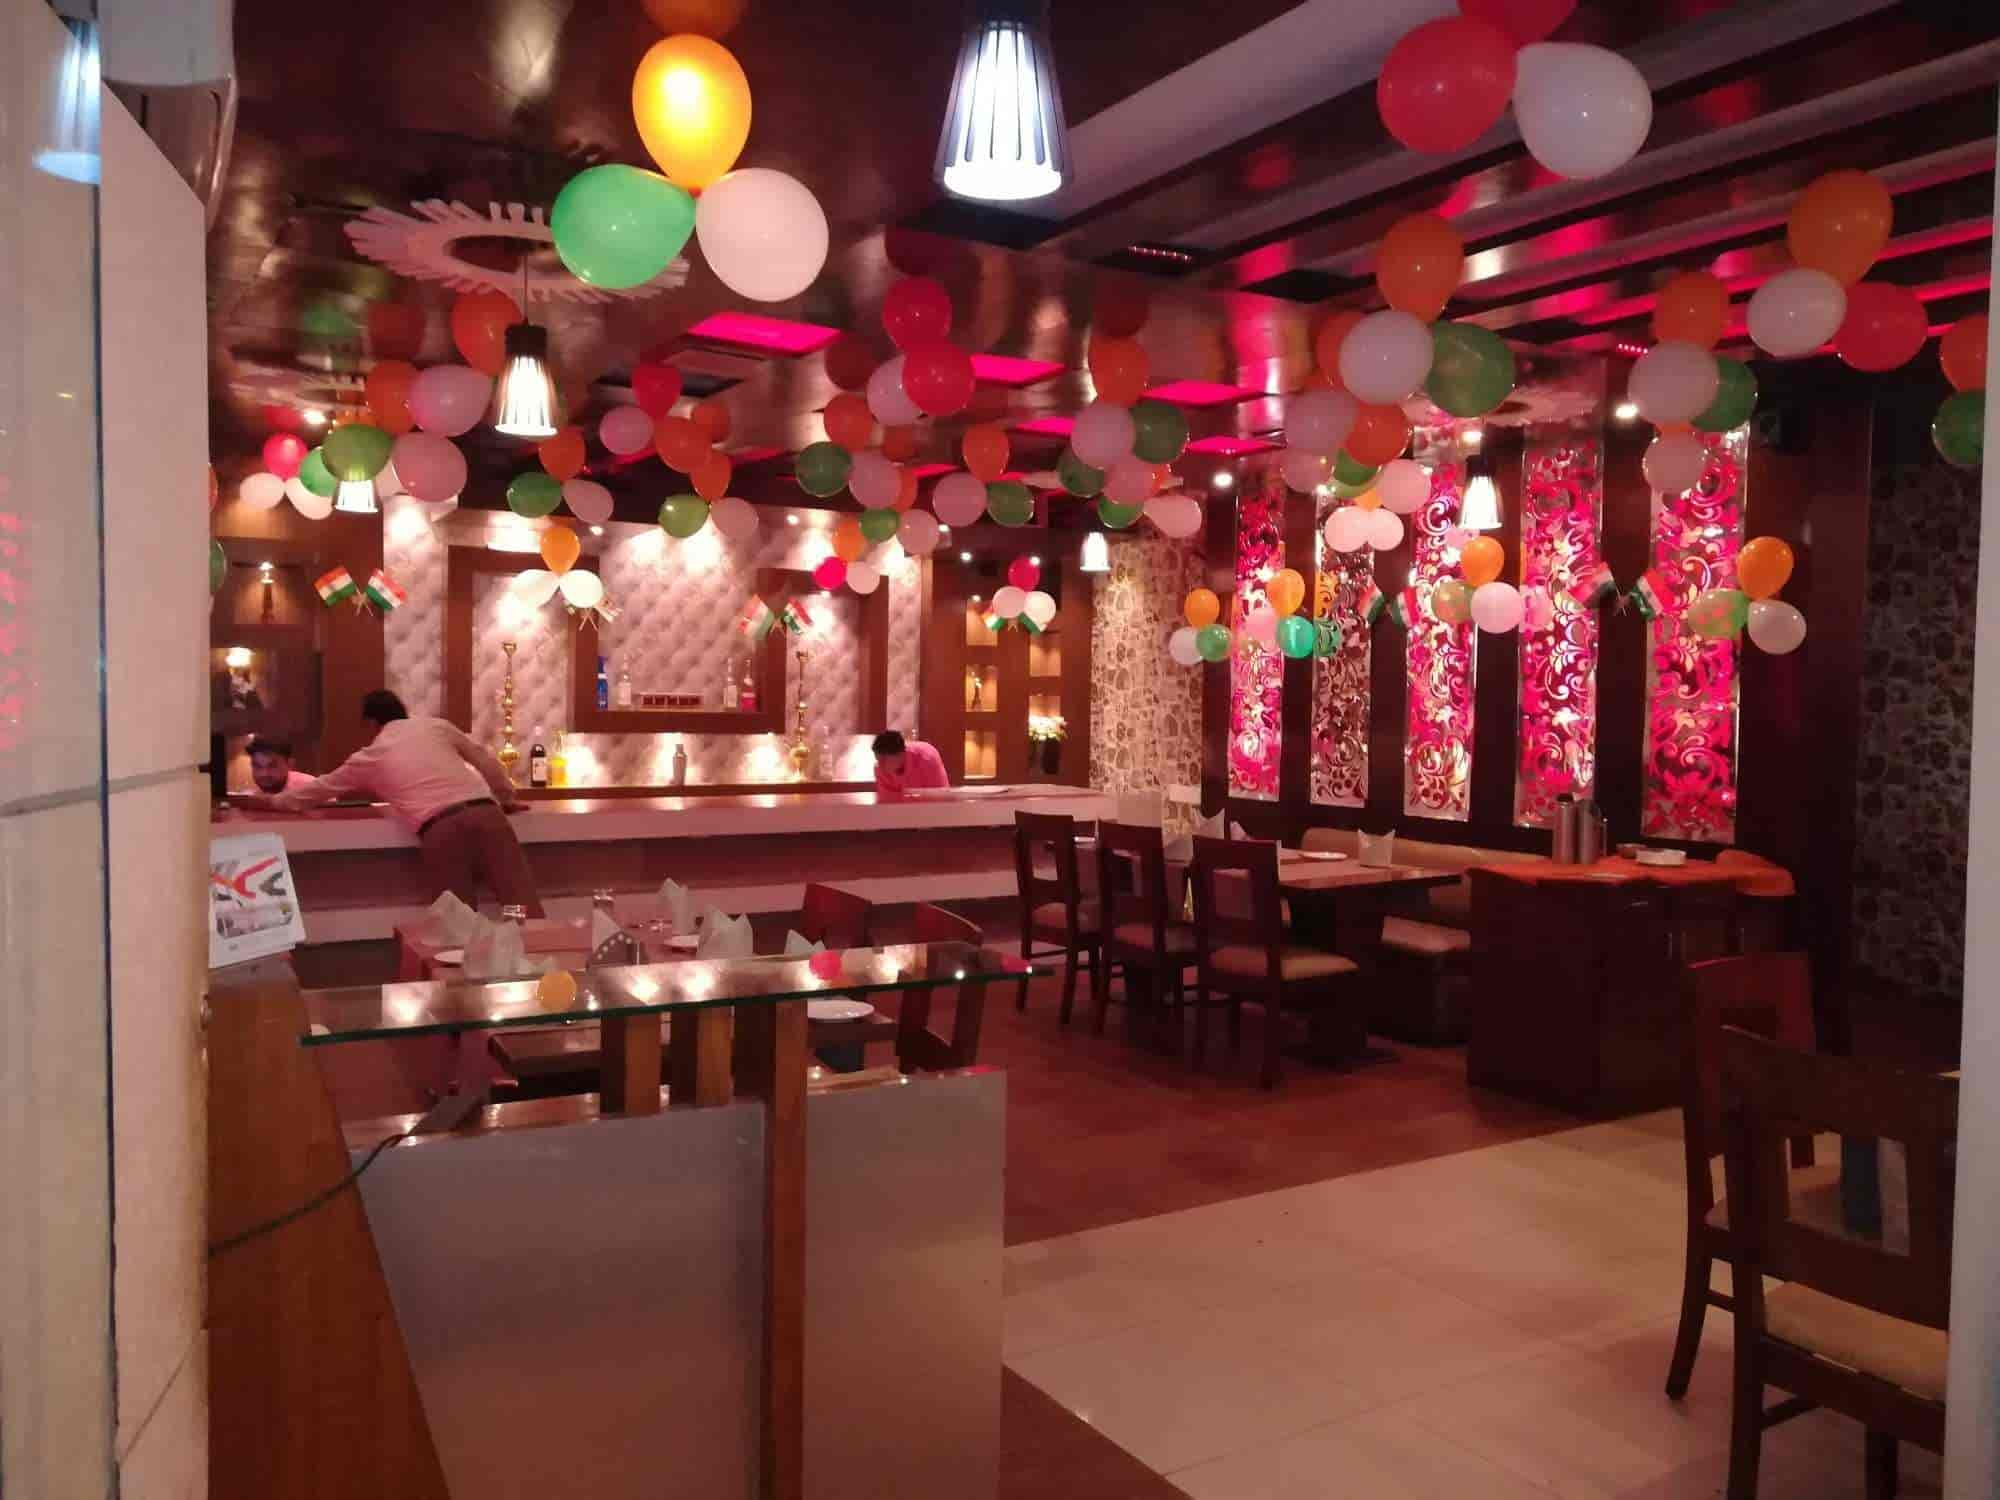 Moti Mahal Delux Restaurant Sigra Varanasi North Indian Mughlai Cuisine Justdial